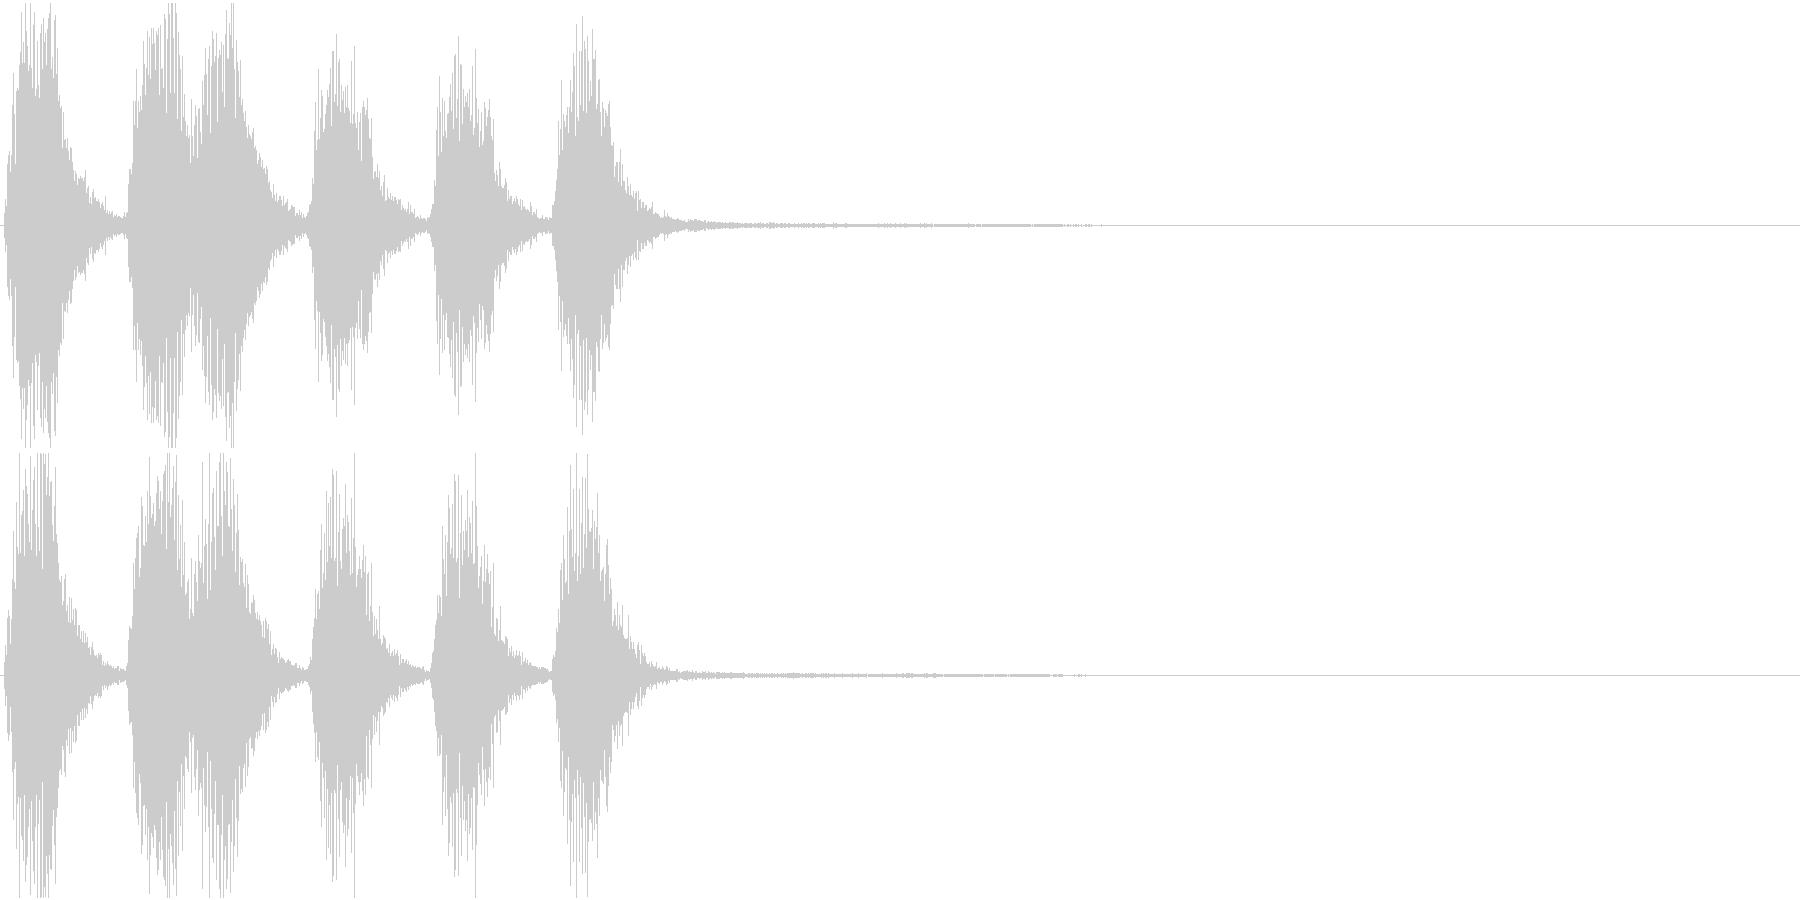 トランペット ファンファーレ 定番 16の未再生の波形